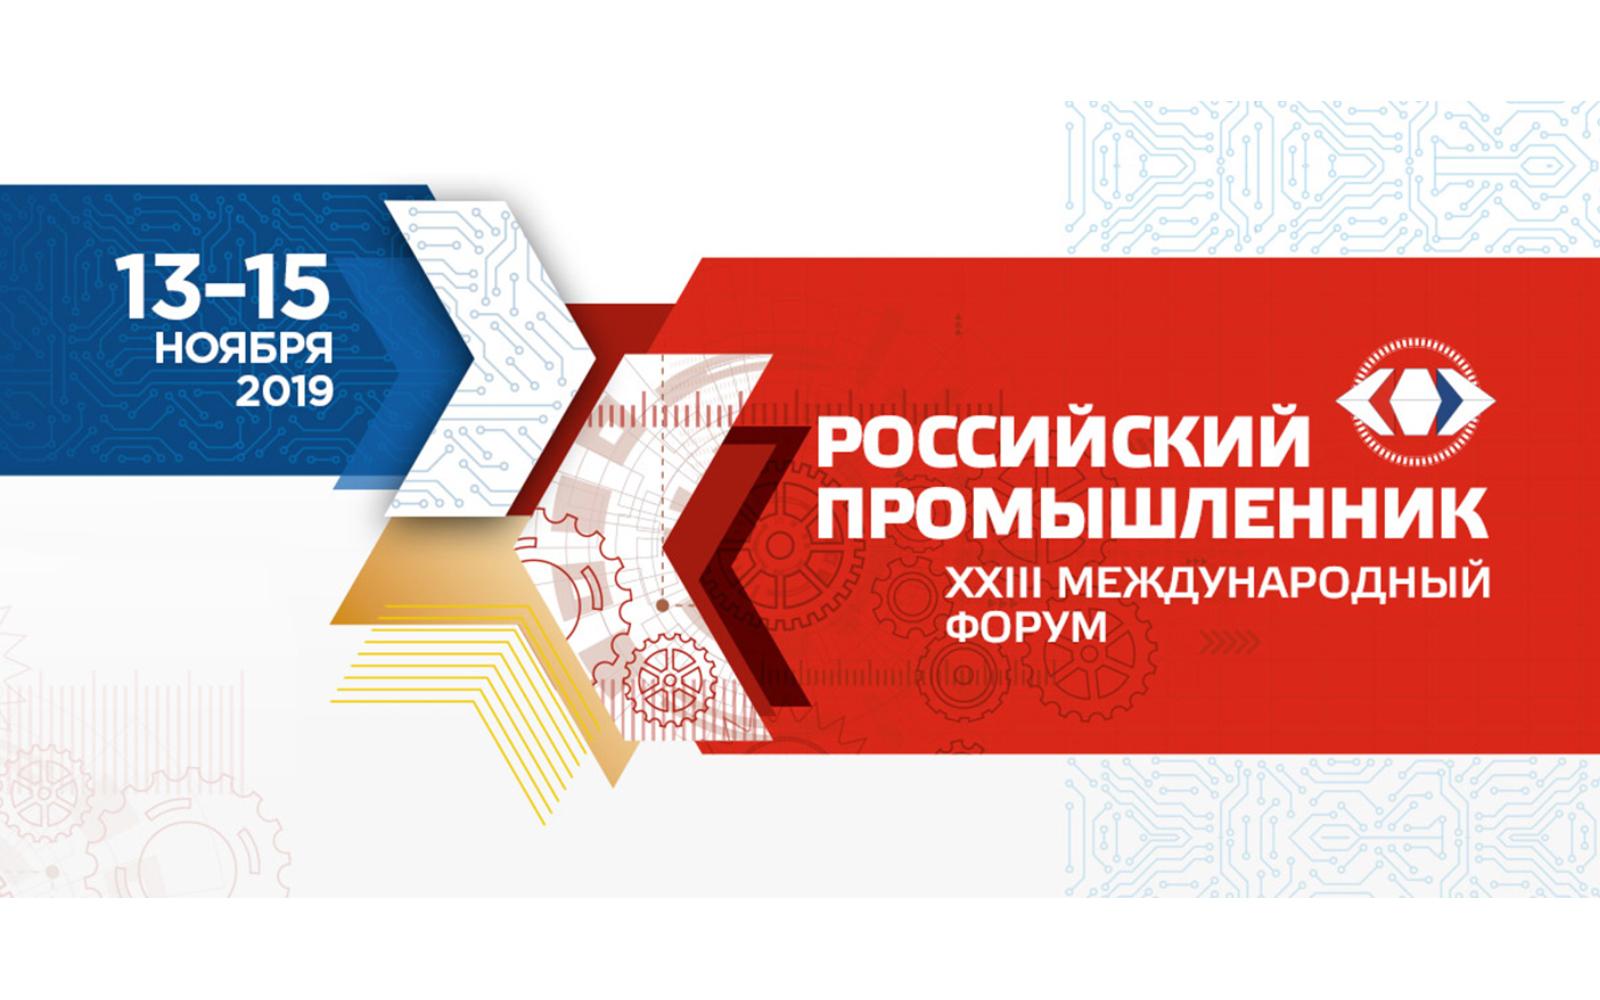 Международный форум «Российский промышленник»